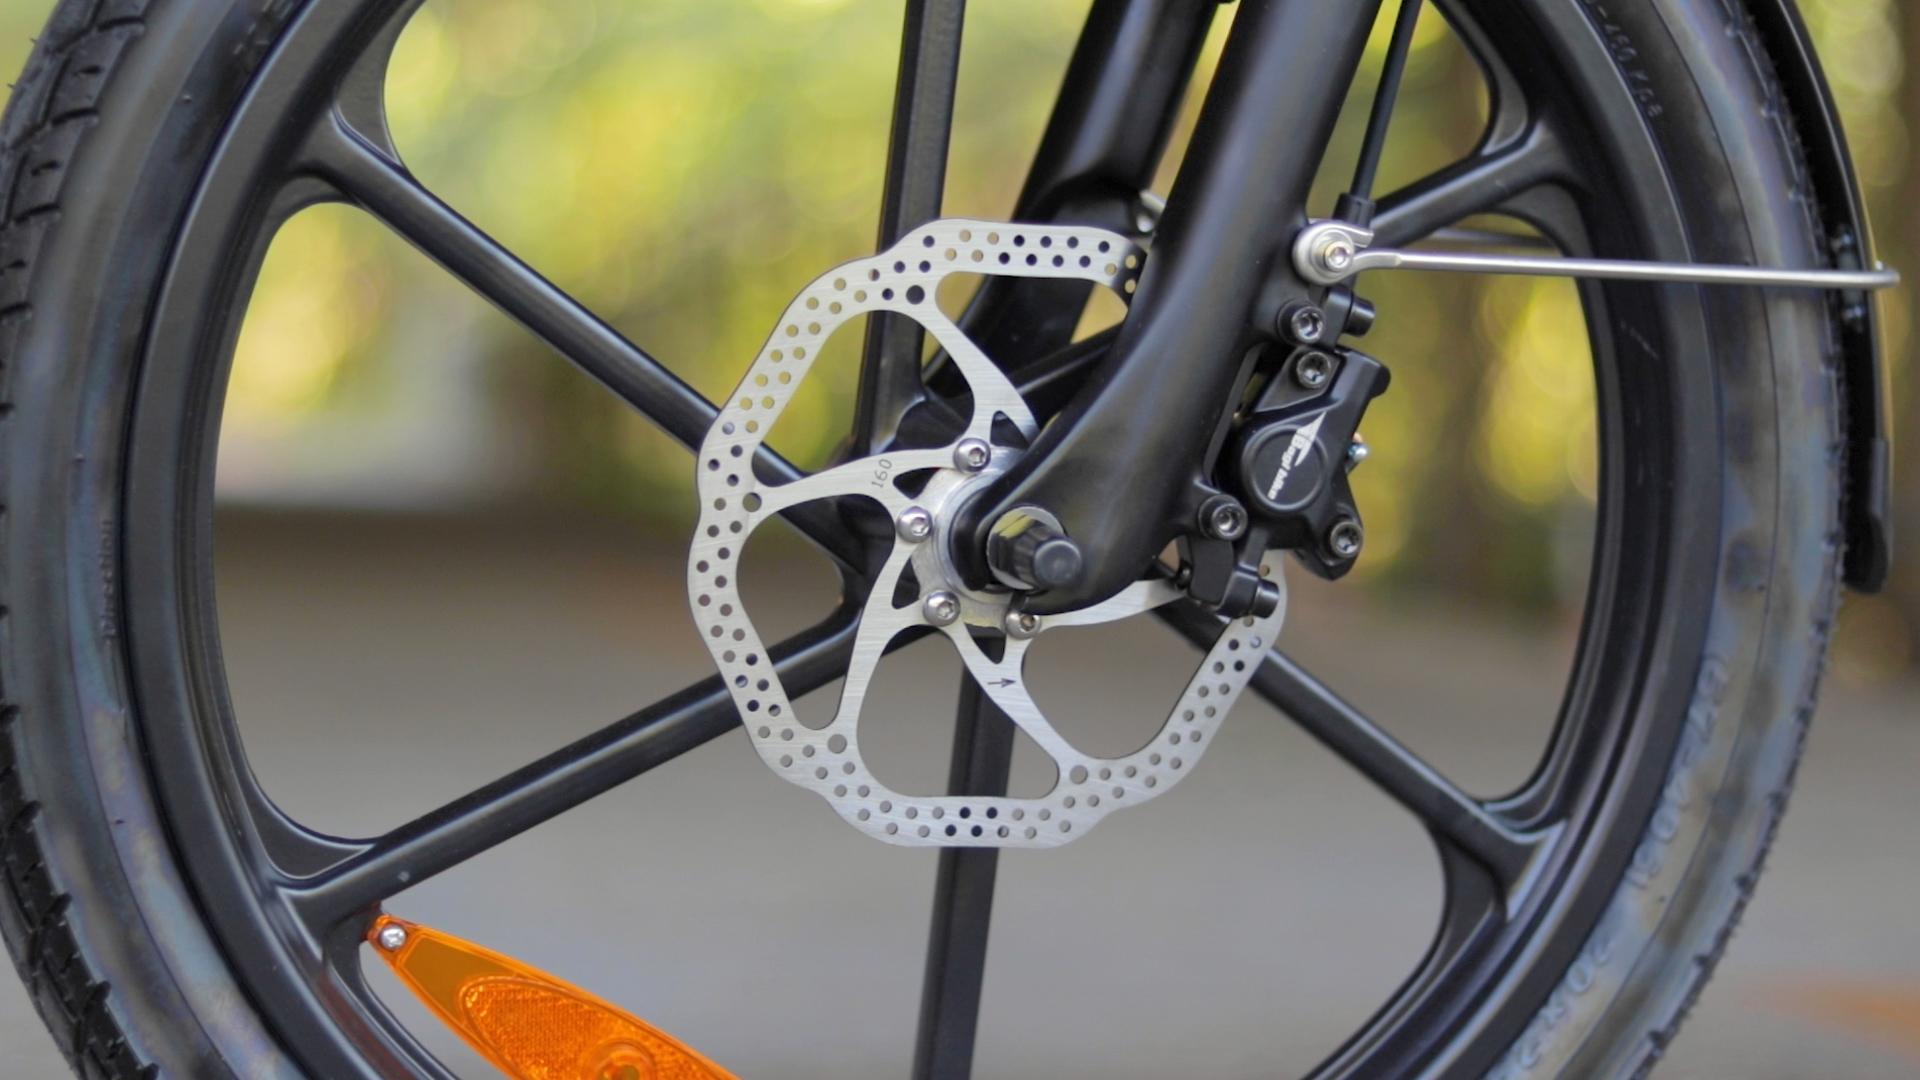 electrified-reviews-bagibike-b10-foldign-electric-bike-review-tektro-disc-brake.jpg